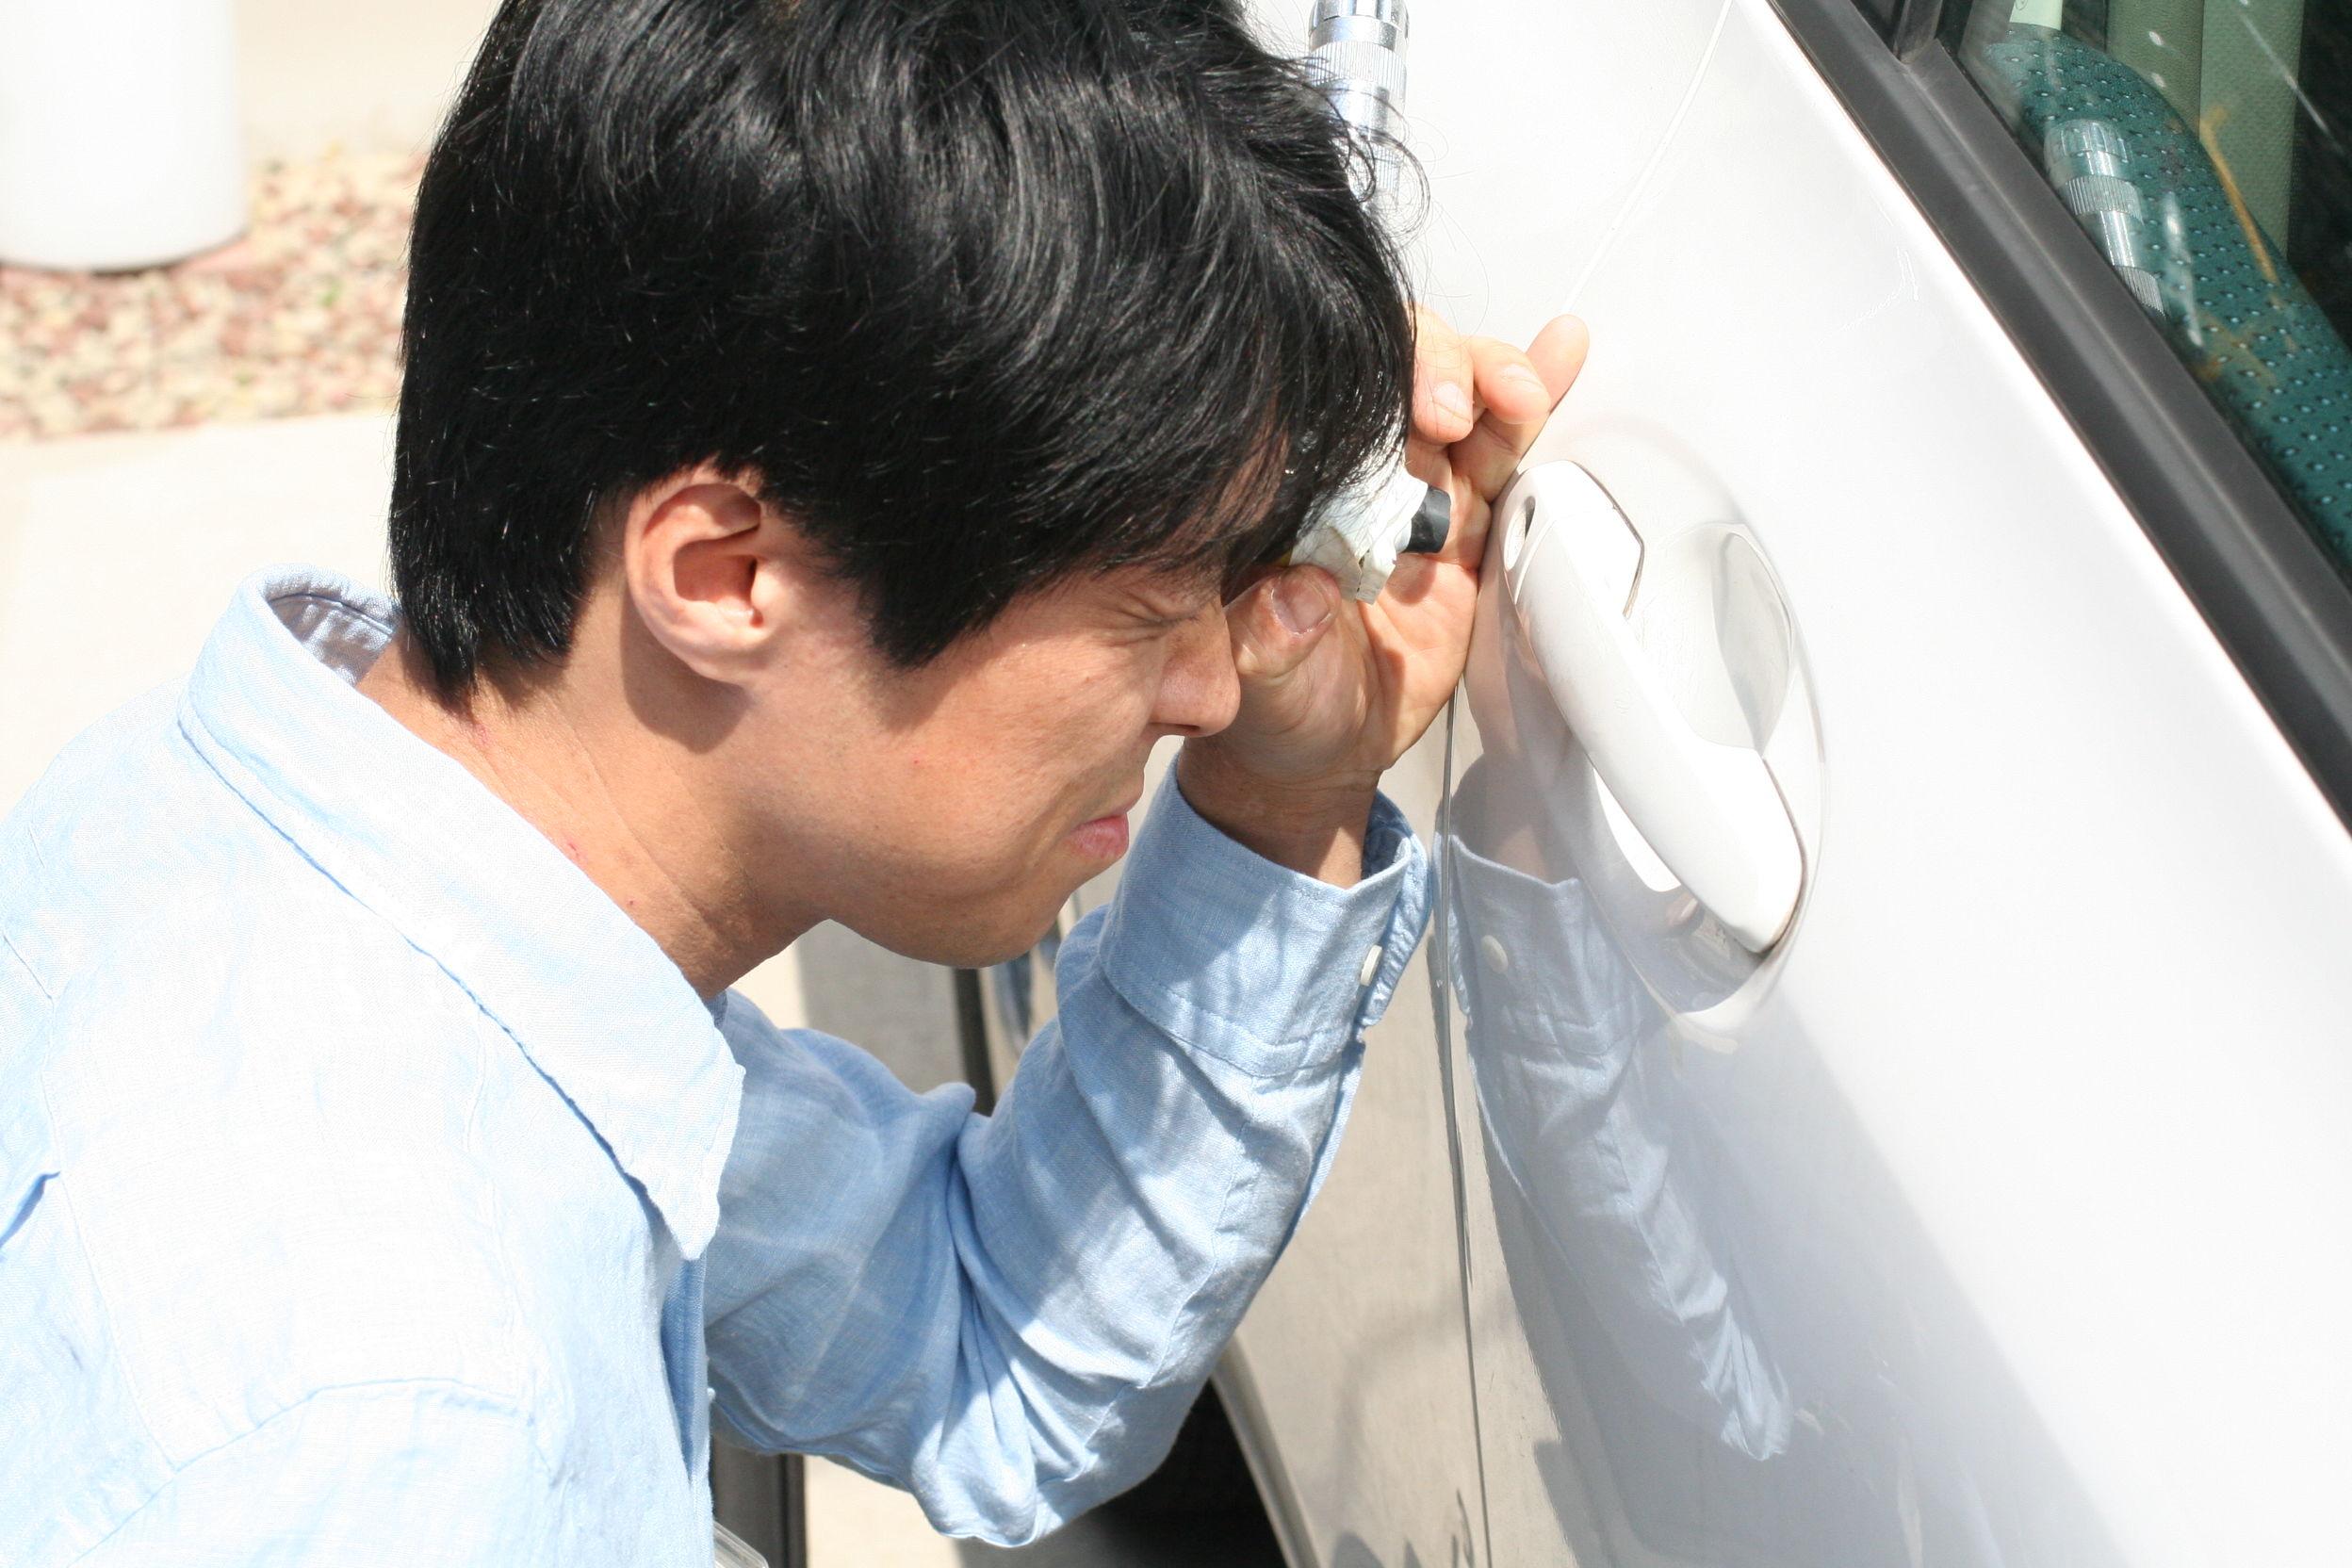 カギのトラブル救Q隊.24【熊谷市 出張エリア】のメイン画像